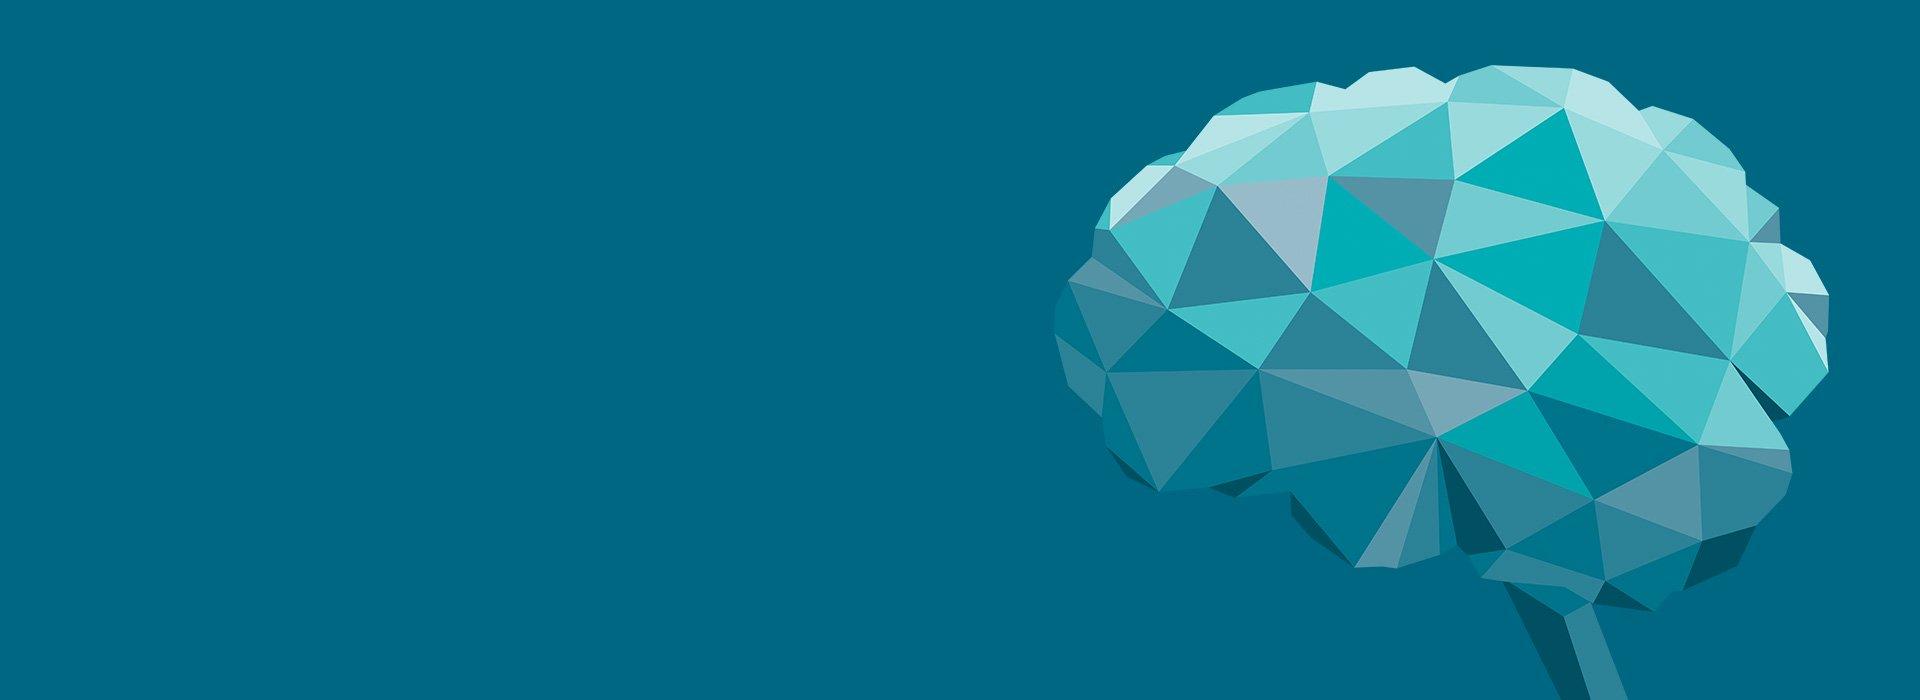 illustration cerveau bleu géométrique